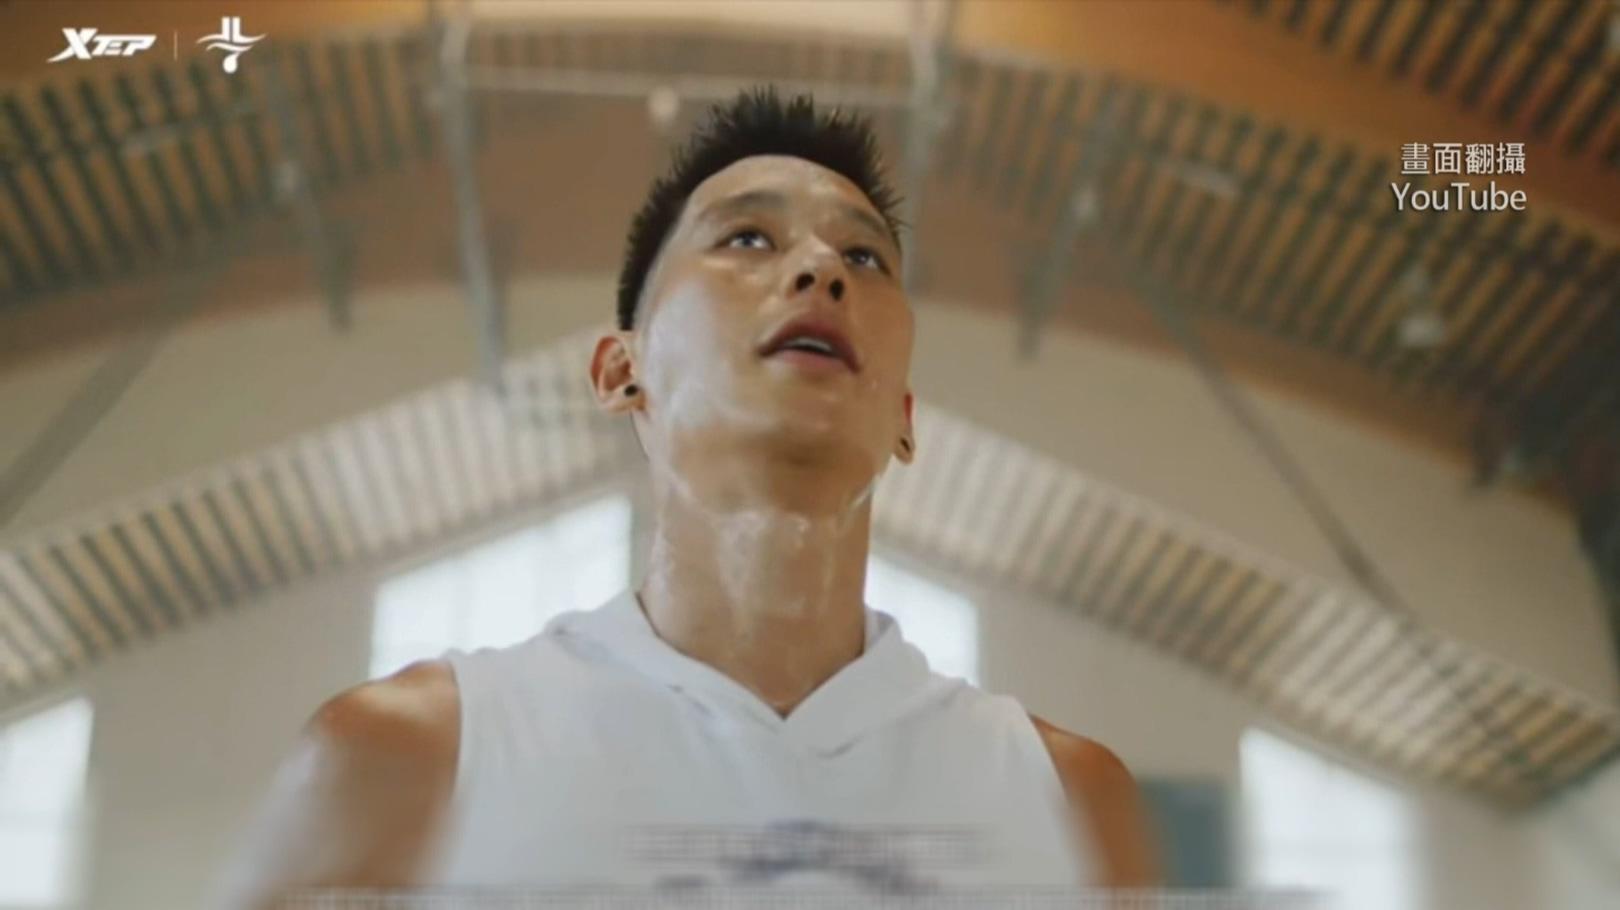 林書豪「拚重返NBA」與前隊友「柯瑞」訓練影片曝